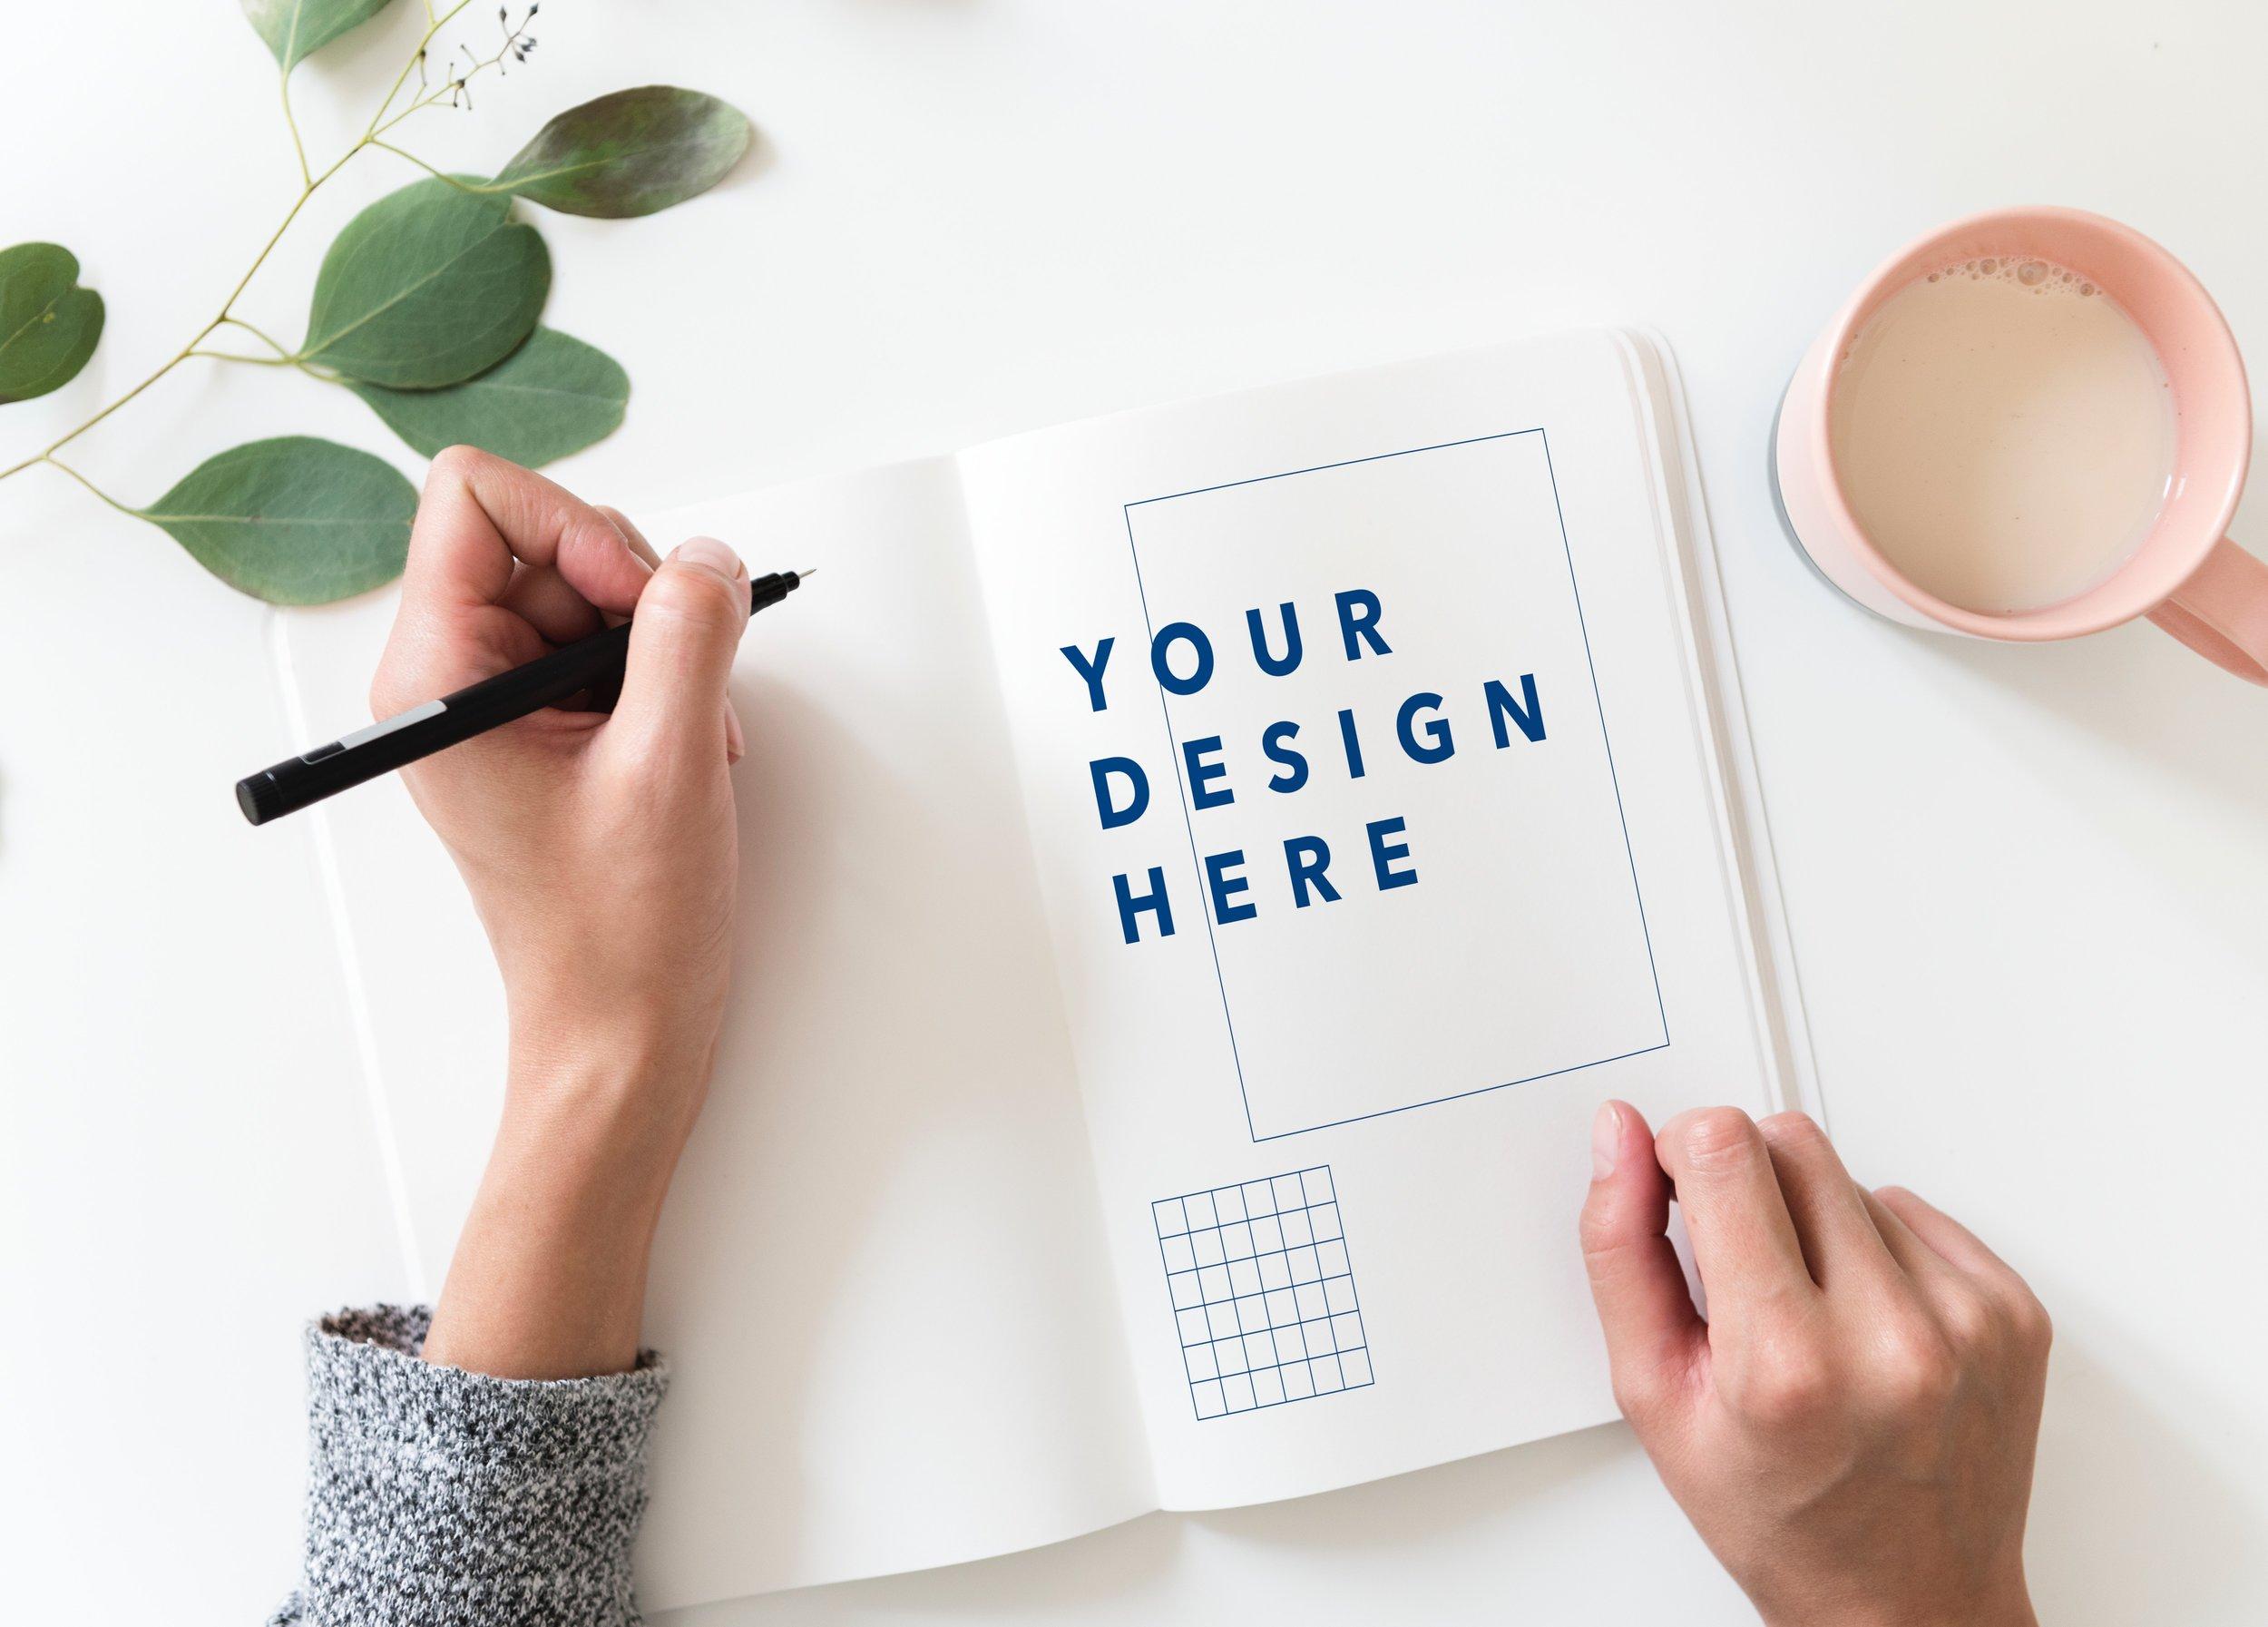 Should I hire a web designer? - Read more →